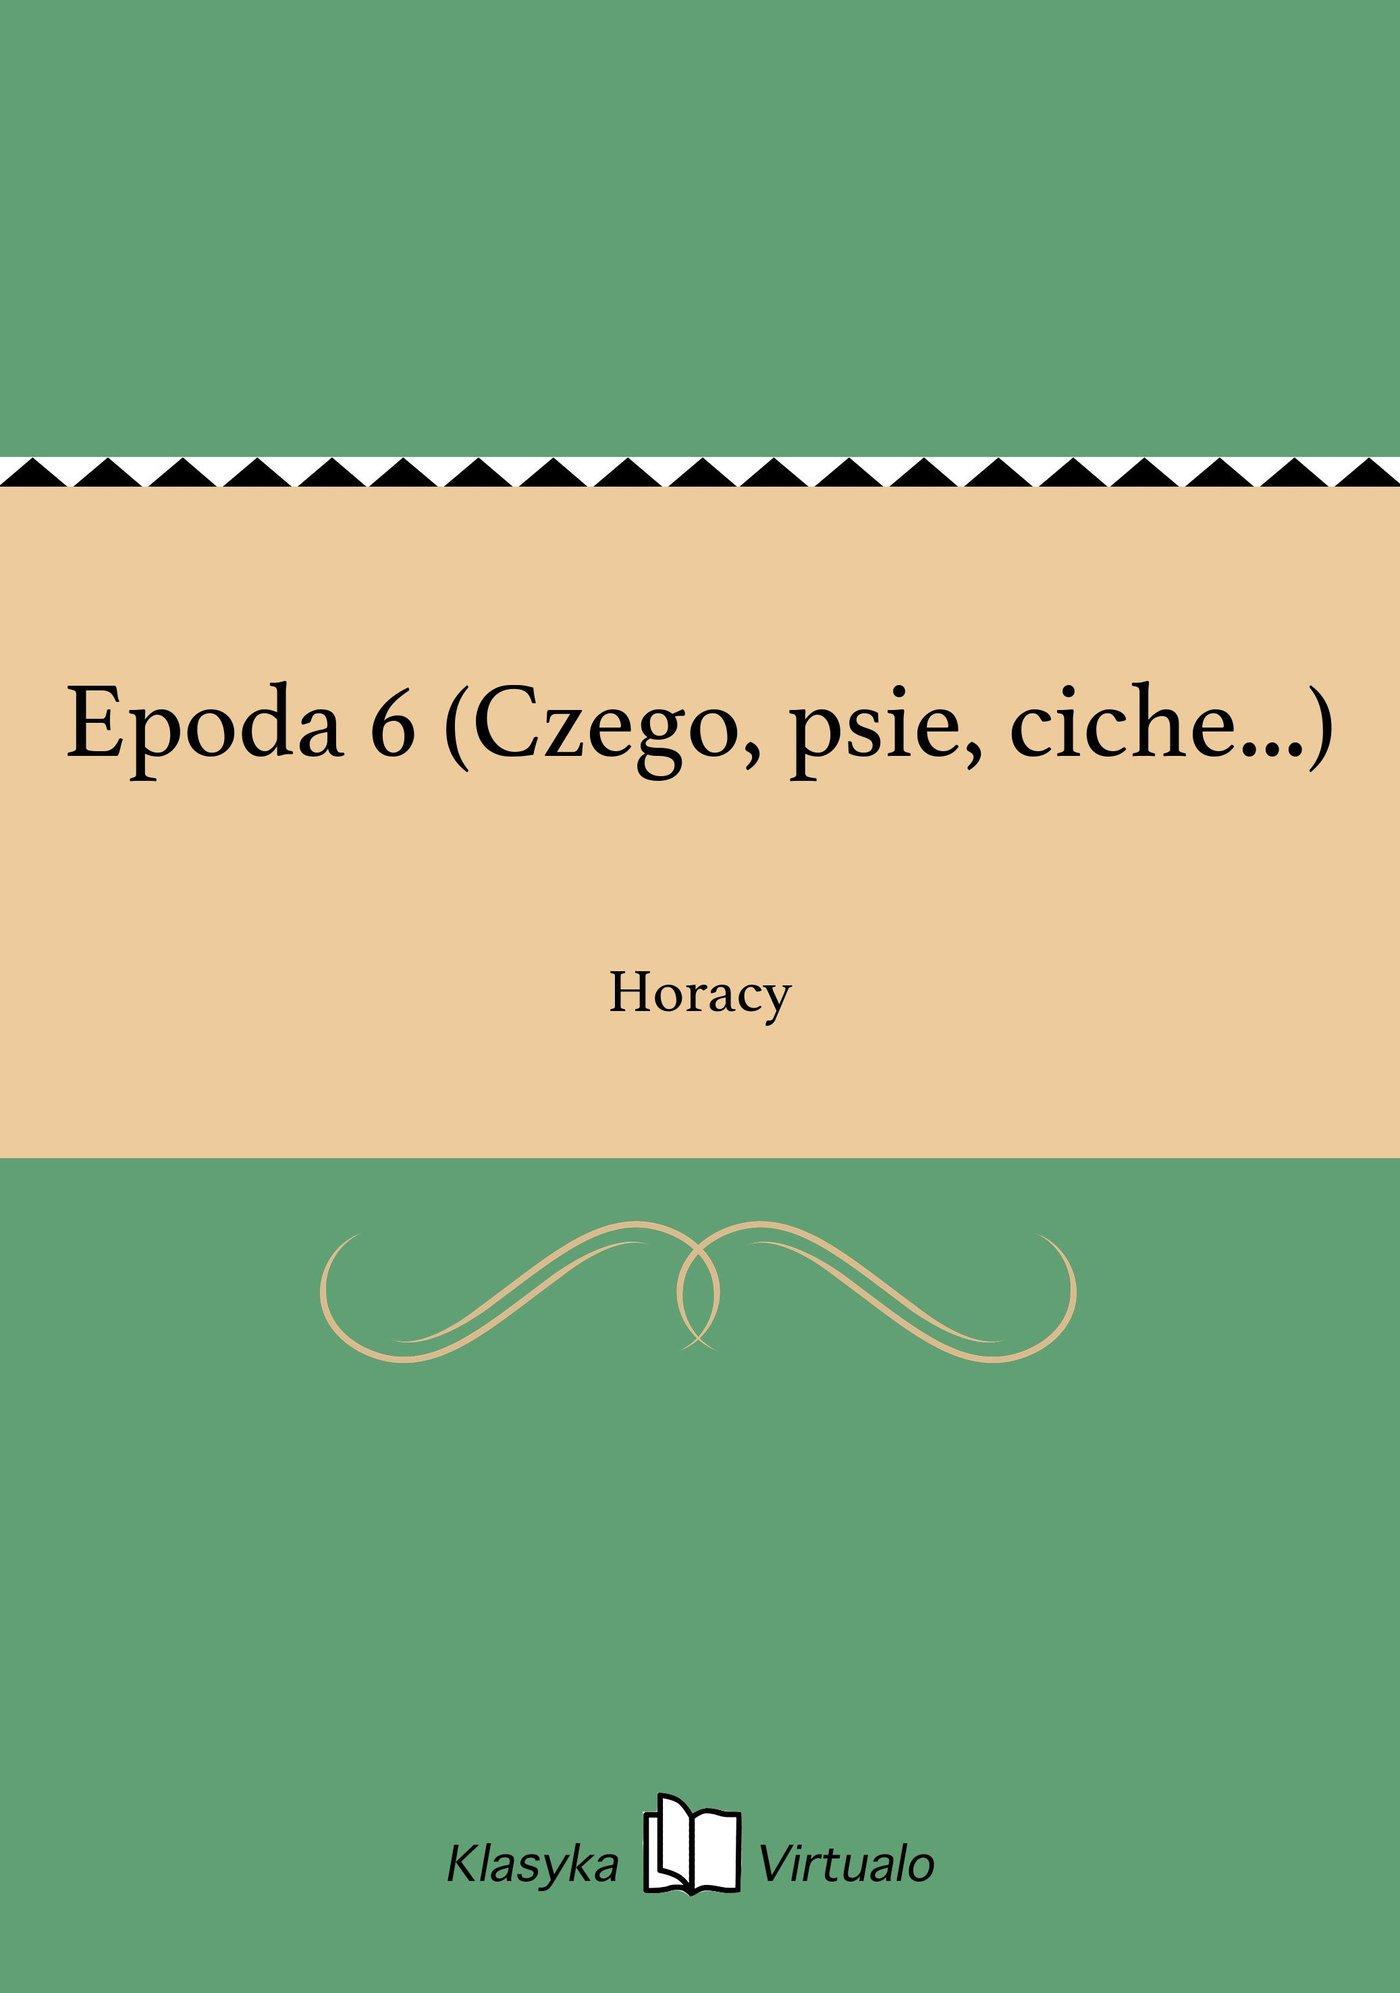 Epoda 6 (Czego, psie, ciche...) - Ebook (Książka na Kindle) do pobrania w formacie MOBI